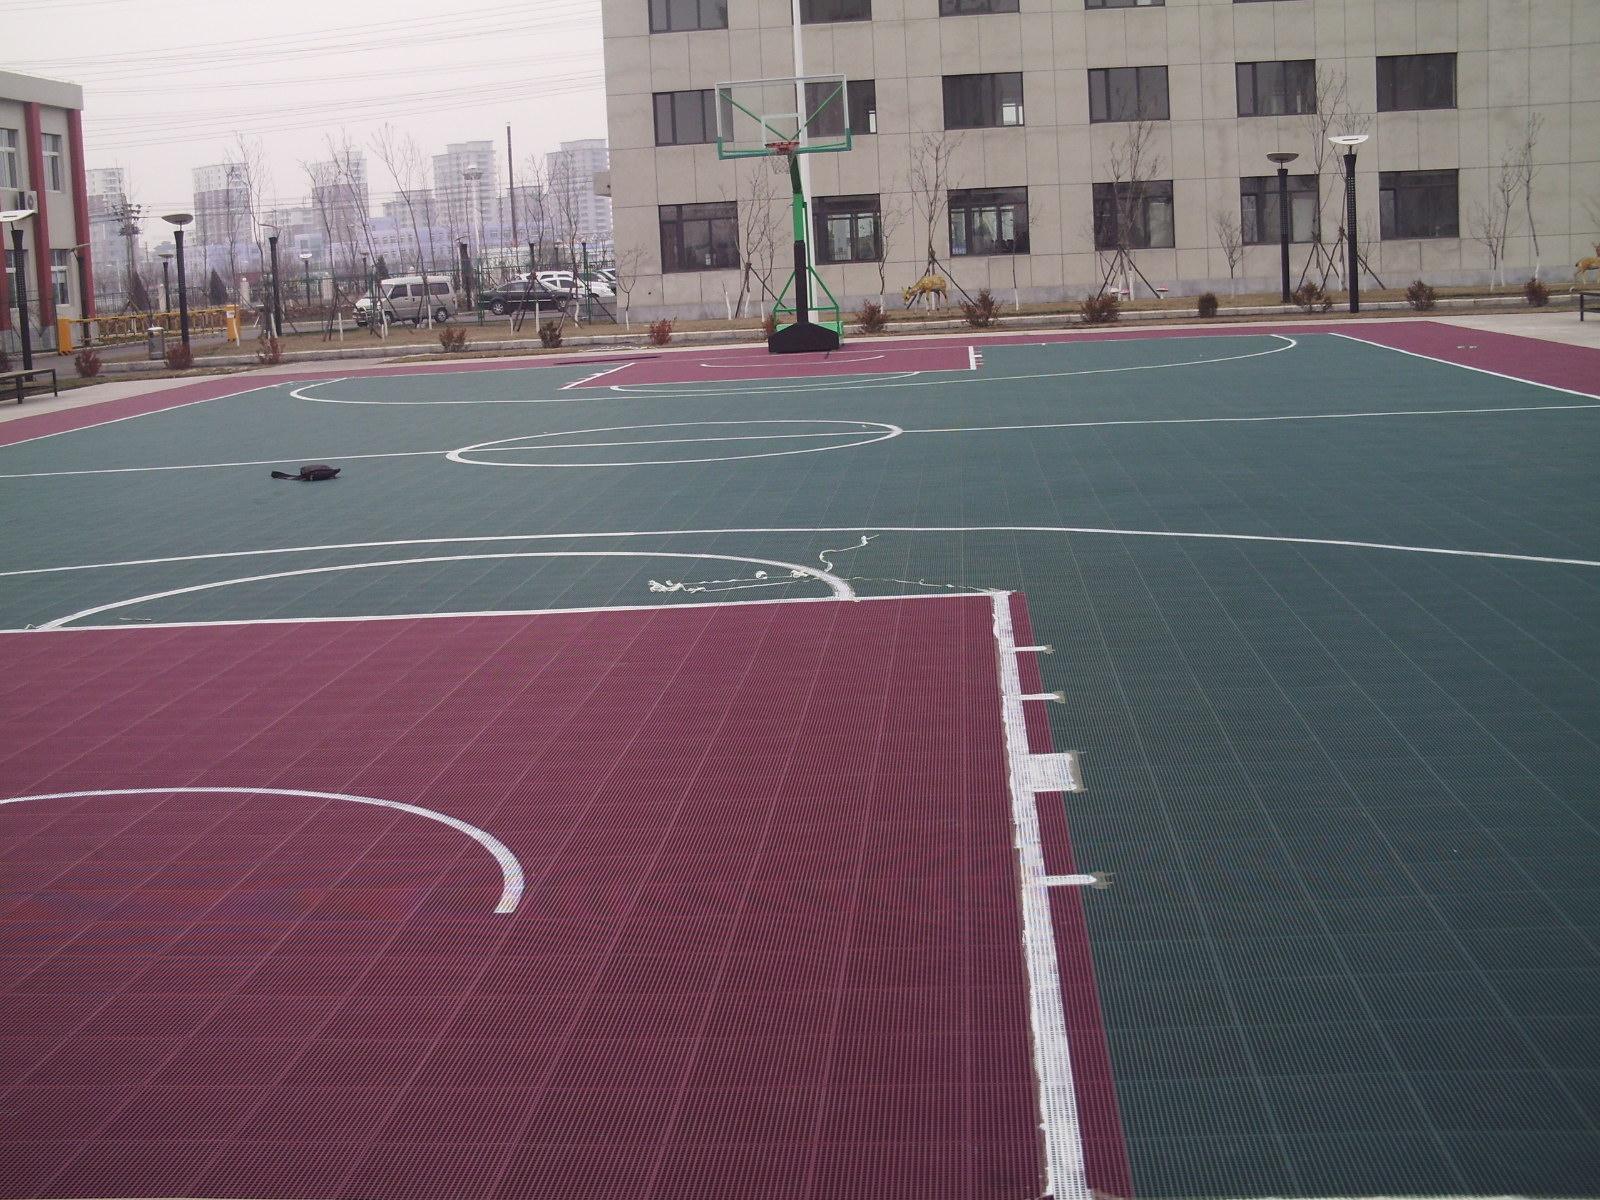 悬浮式拼装地板是指目前市场上渐趋流行的第四代体育运动地板。 该地板主要采用改性PP(聚丙烯)为原材料,可广泛用于各类运动场地,娱乐,休闲,健身场地。 与木地板相比具有运动性能更为卓著,价格更加便宜,基本无需后期维护费用,等等诸多优点。 产品特征性能: 1、多功能性:篮球、网球、排球、羽毛球、乒乓球、室内足球场、手球、健身馆、幼儿园、娱乐广场、公园、老年人活动场所等,只需平整的水泥或沥青地面即可使用铺设;    2、方便性:安装快捷,维护简单。安装时地板间以公扣母扣衔接,为使安装后相邻两地板块配合紧密,安装